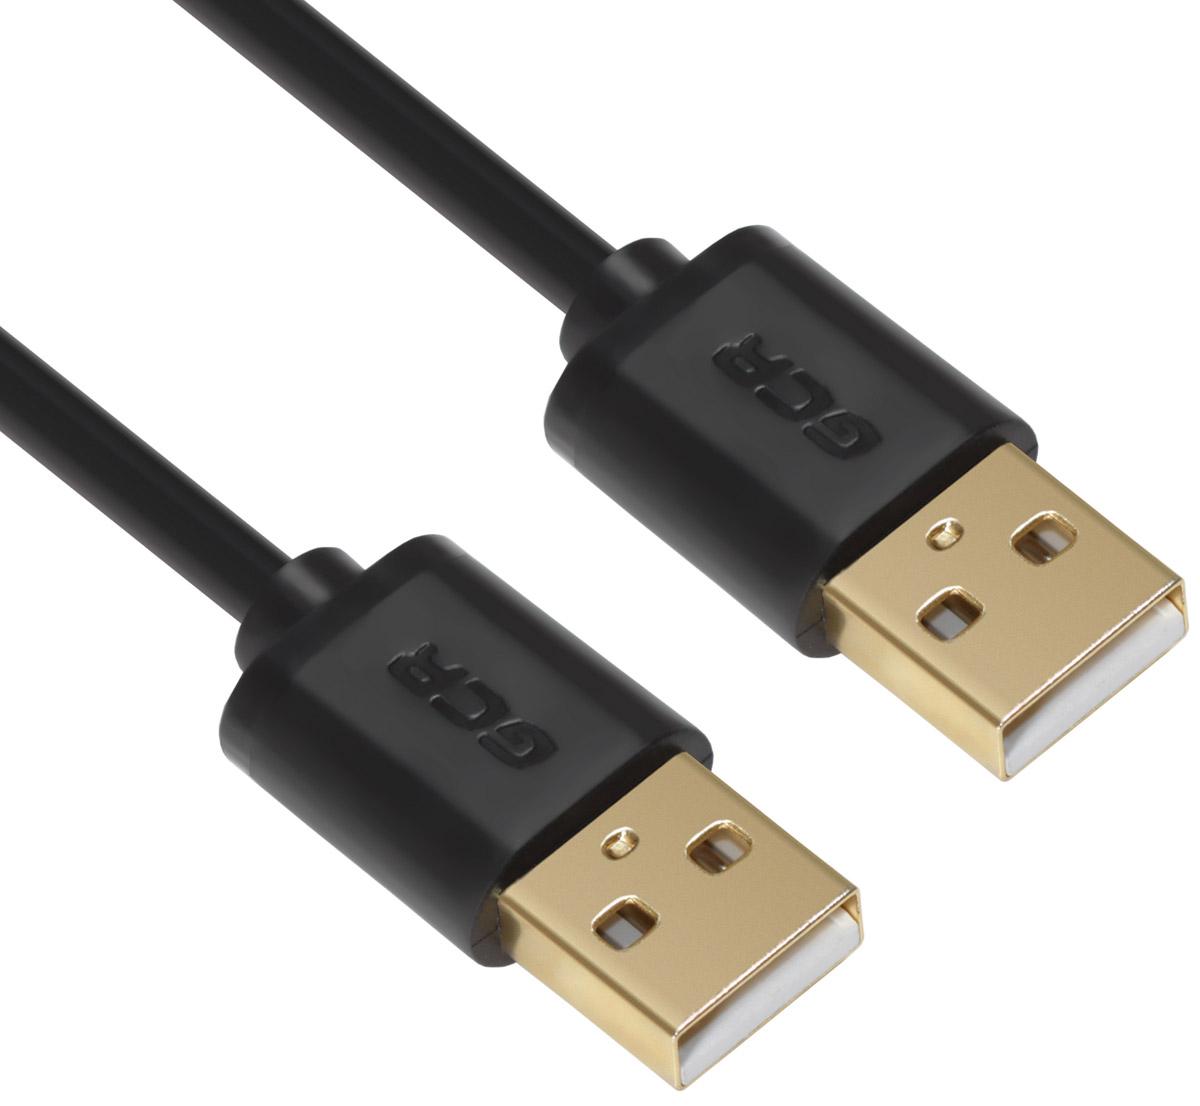 Greenconnect Russia GCR-UM5M-BB2SG, Black кабель USB (0,5 м)GCR-UM5M-BB2SG-0.5mКабель Greenconnect Russia GCR-UM5M-BB2SG позволит увеличить расстояние до подключаемого устройства. Может быть использован с различными USB девайсами. Экранирование кабеля позволит защитить сигнал при передаче от влияния внешних полей, способных создать помехи.